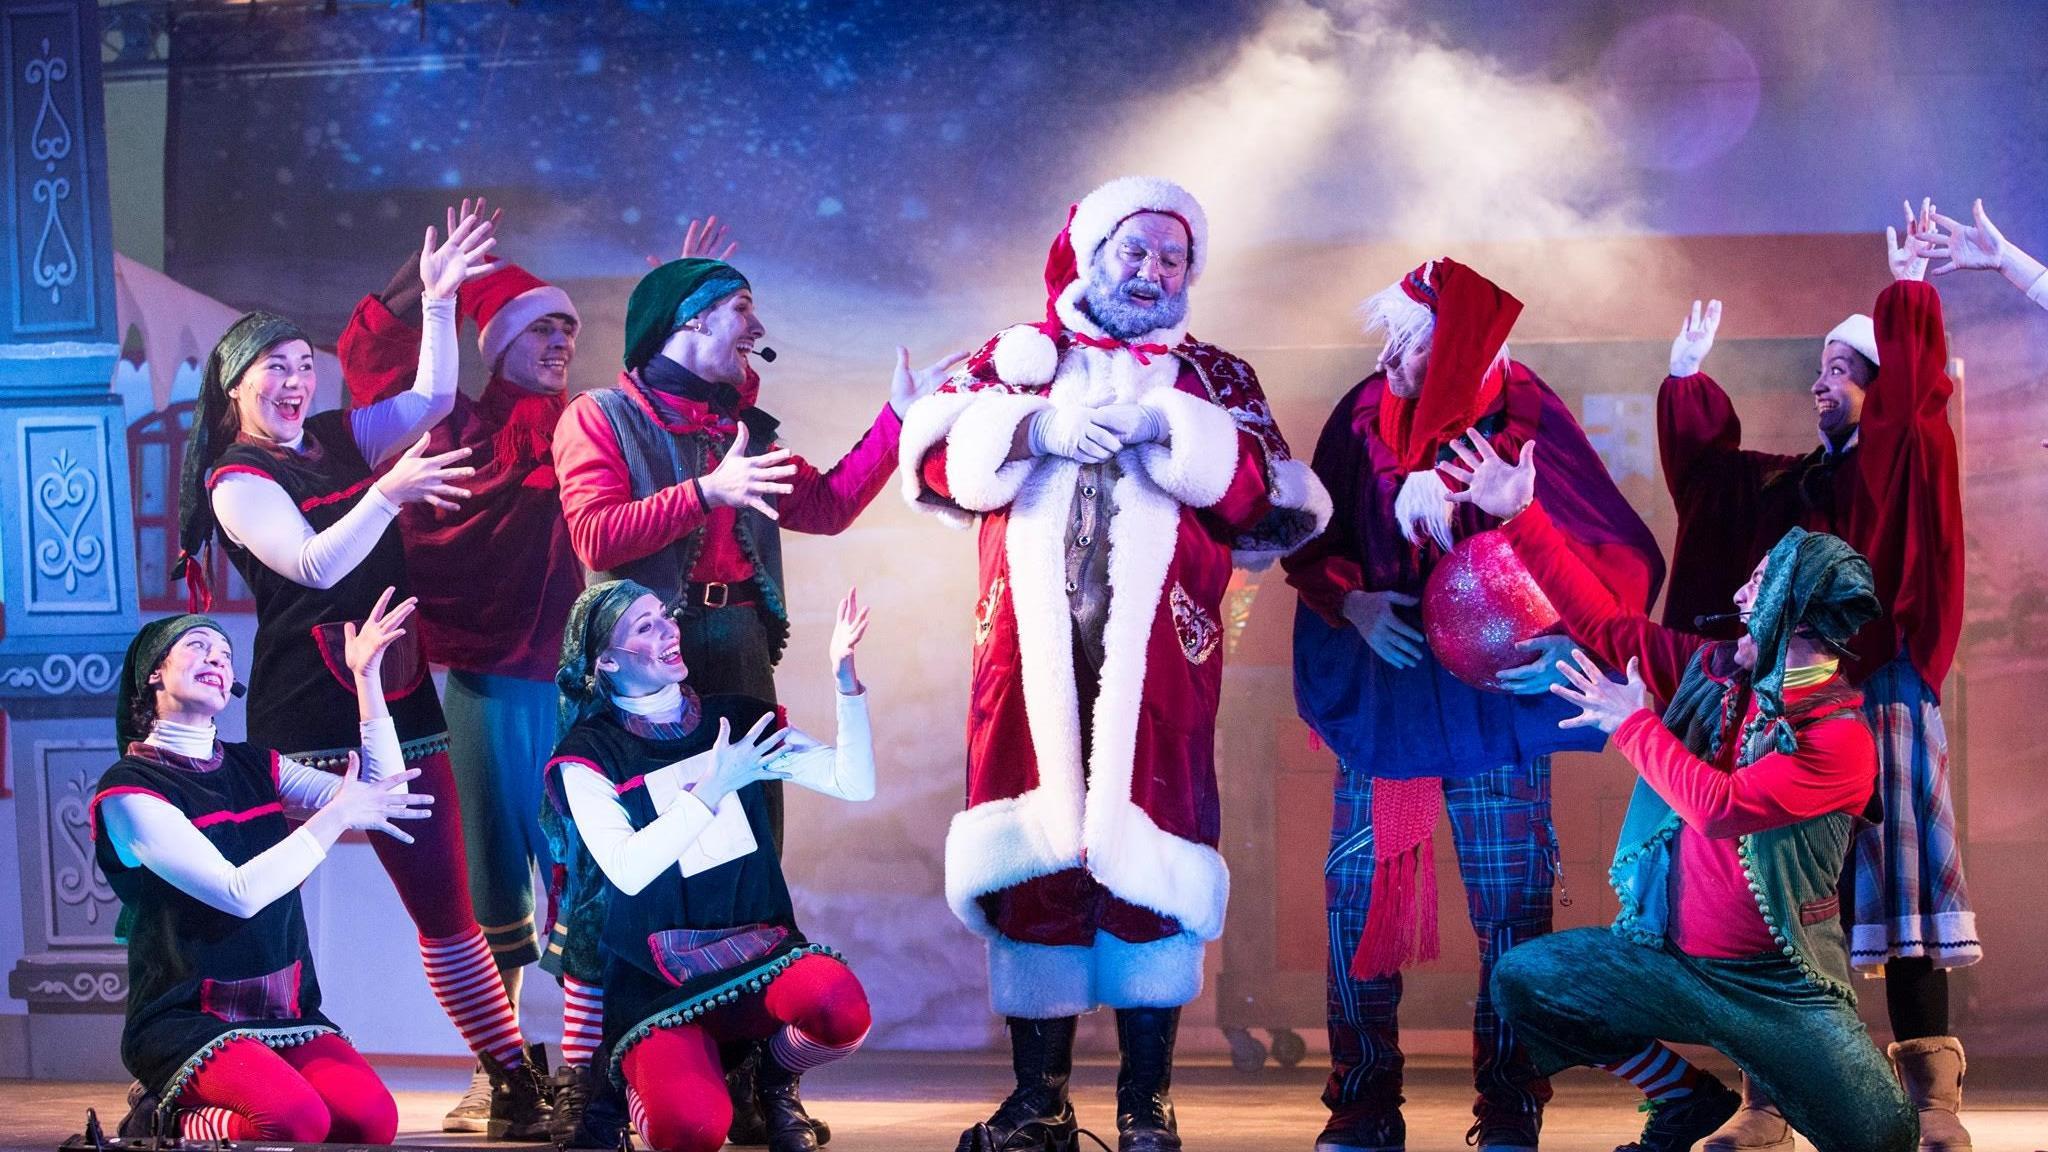 Lo show di Natale, con l'arrivo di Babbo Natale